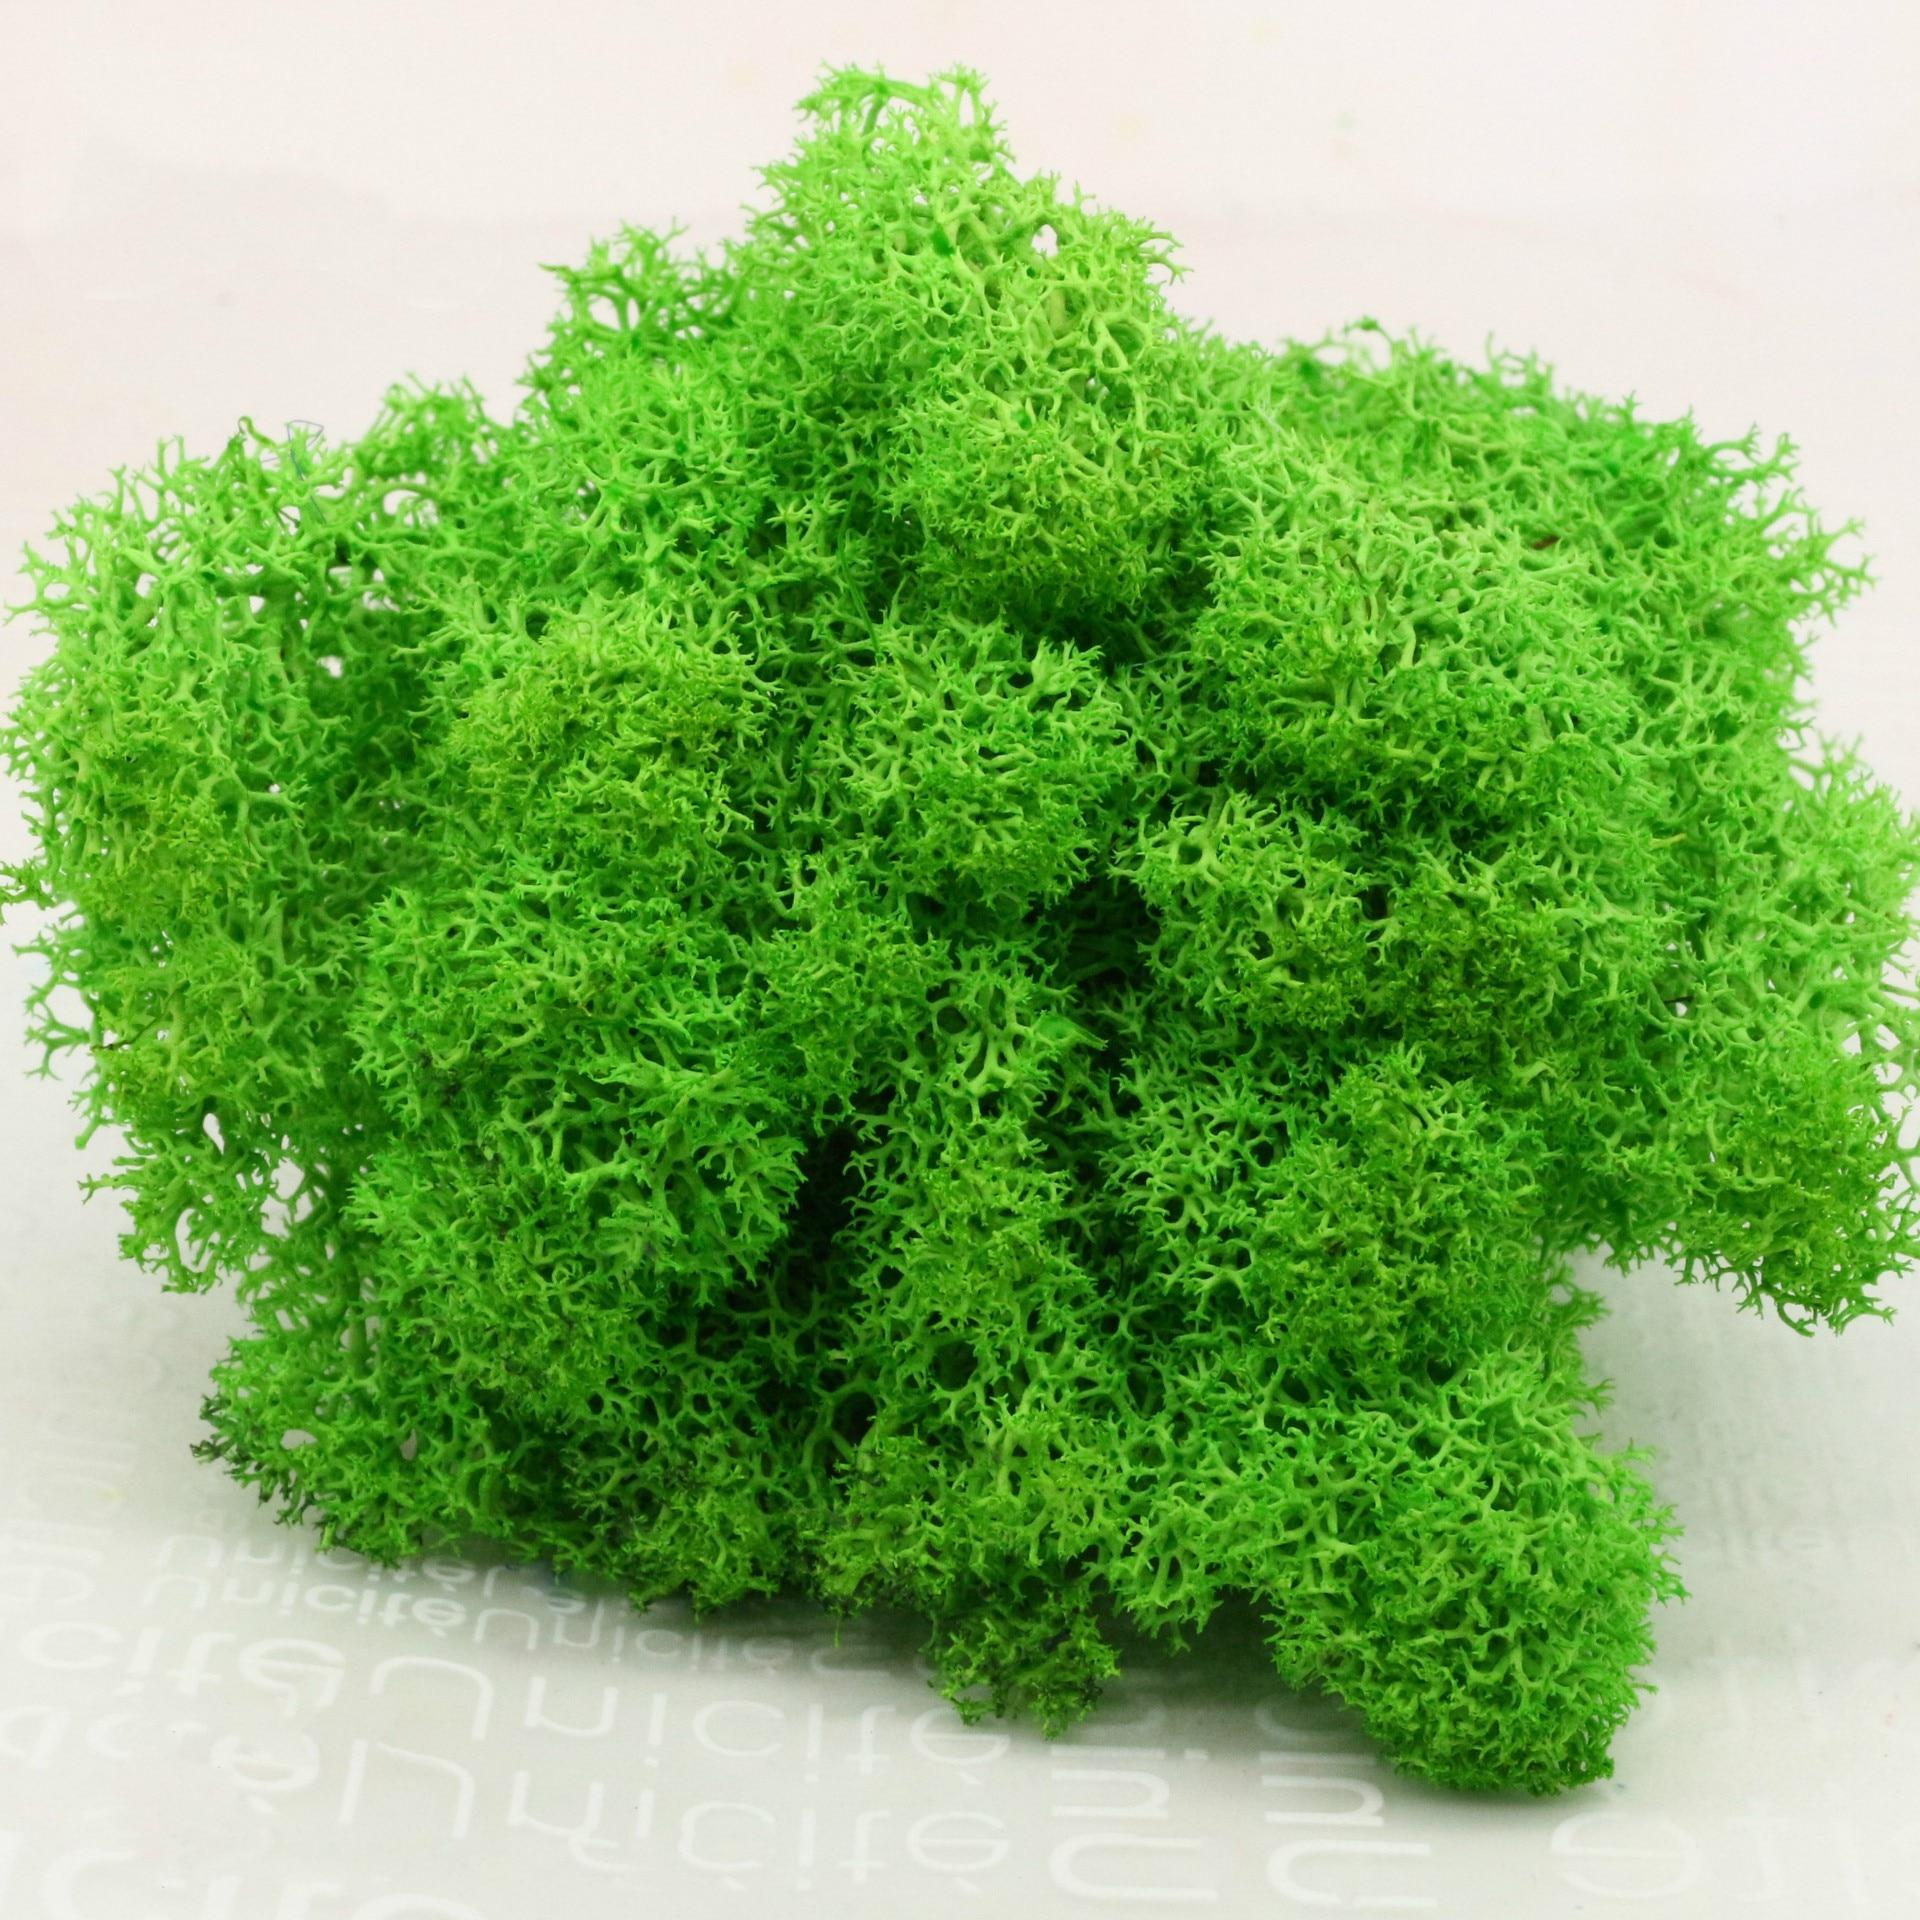 Flower Artificial plant Eternal Life Moss Reindeer Moss Micro Landscape